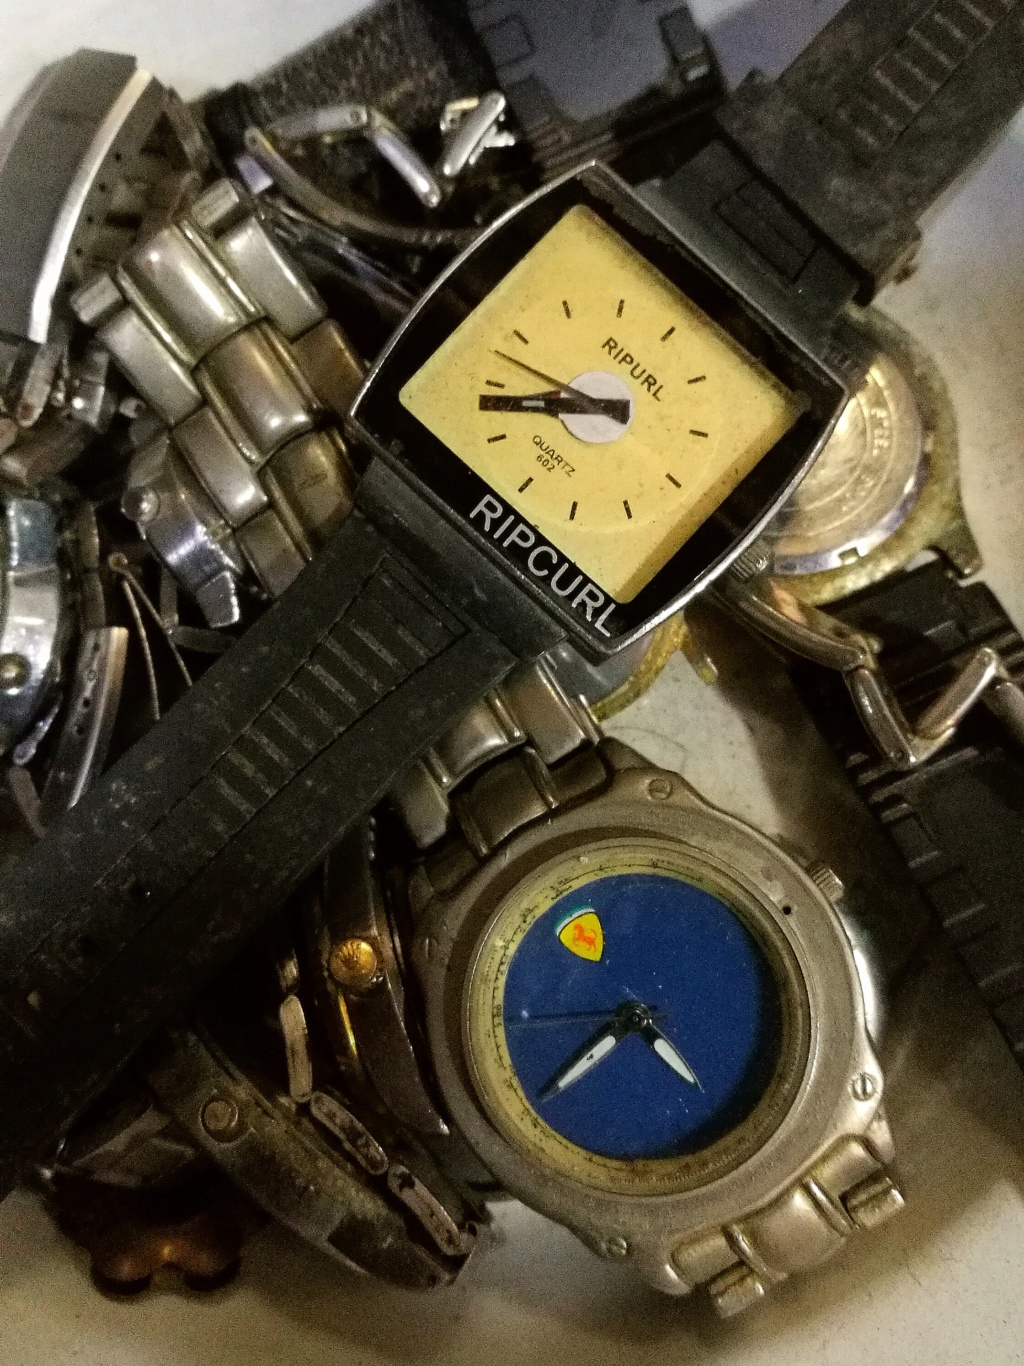 Votre montre du jour - Page 6 Img_2276